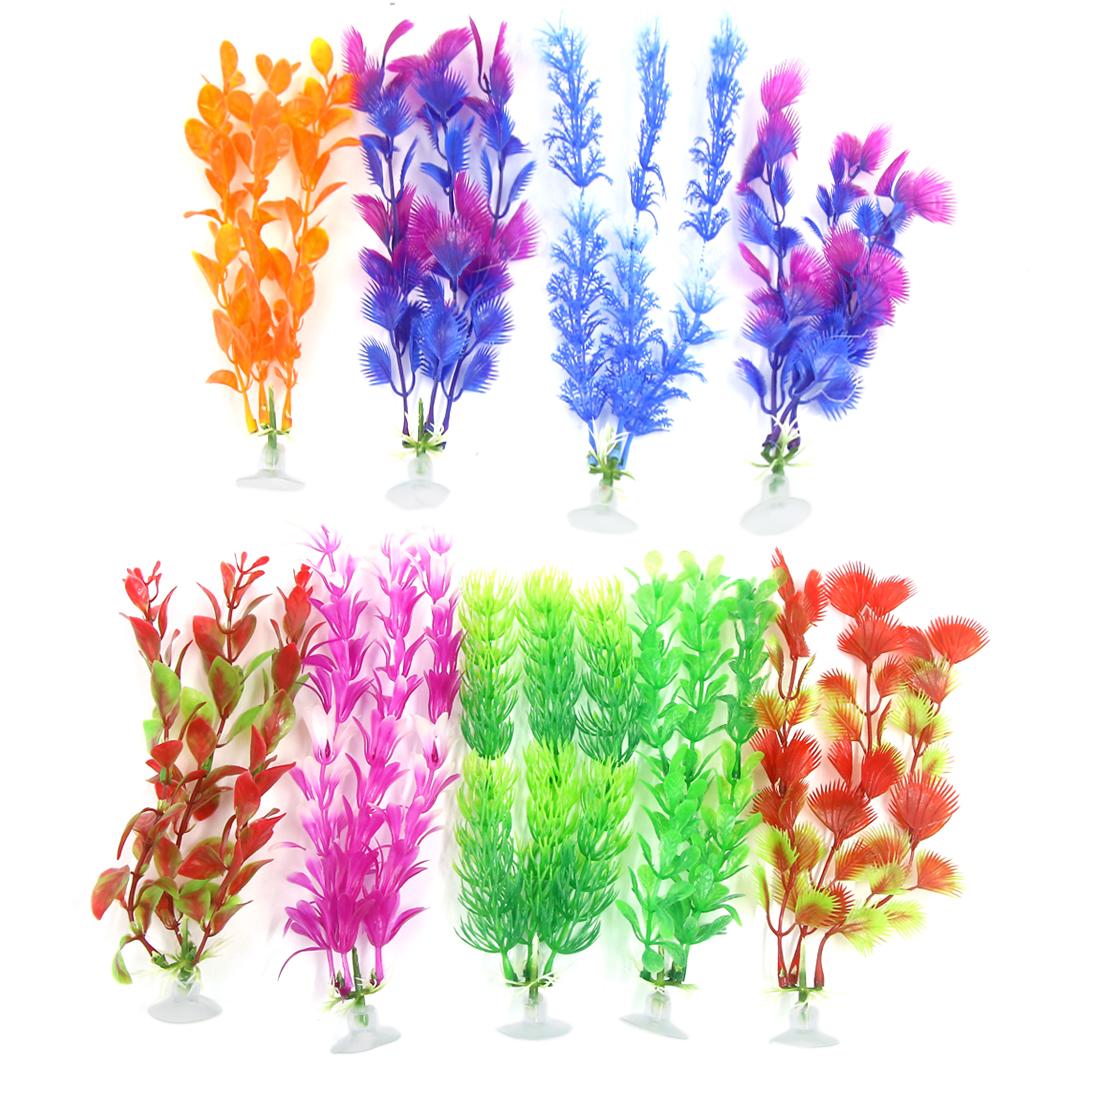 9 Pcs Aquarium Ornament Plastic Decoration Plant With Suction Cup